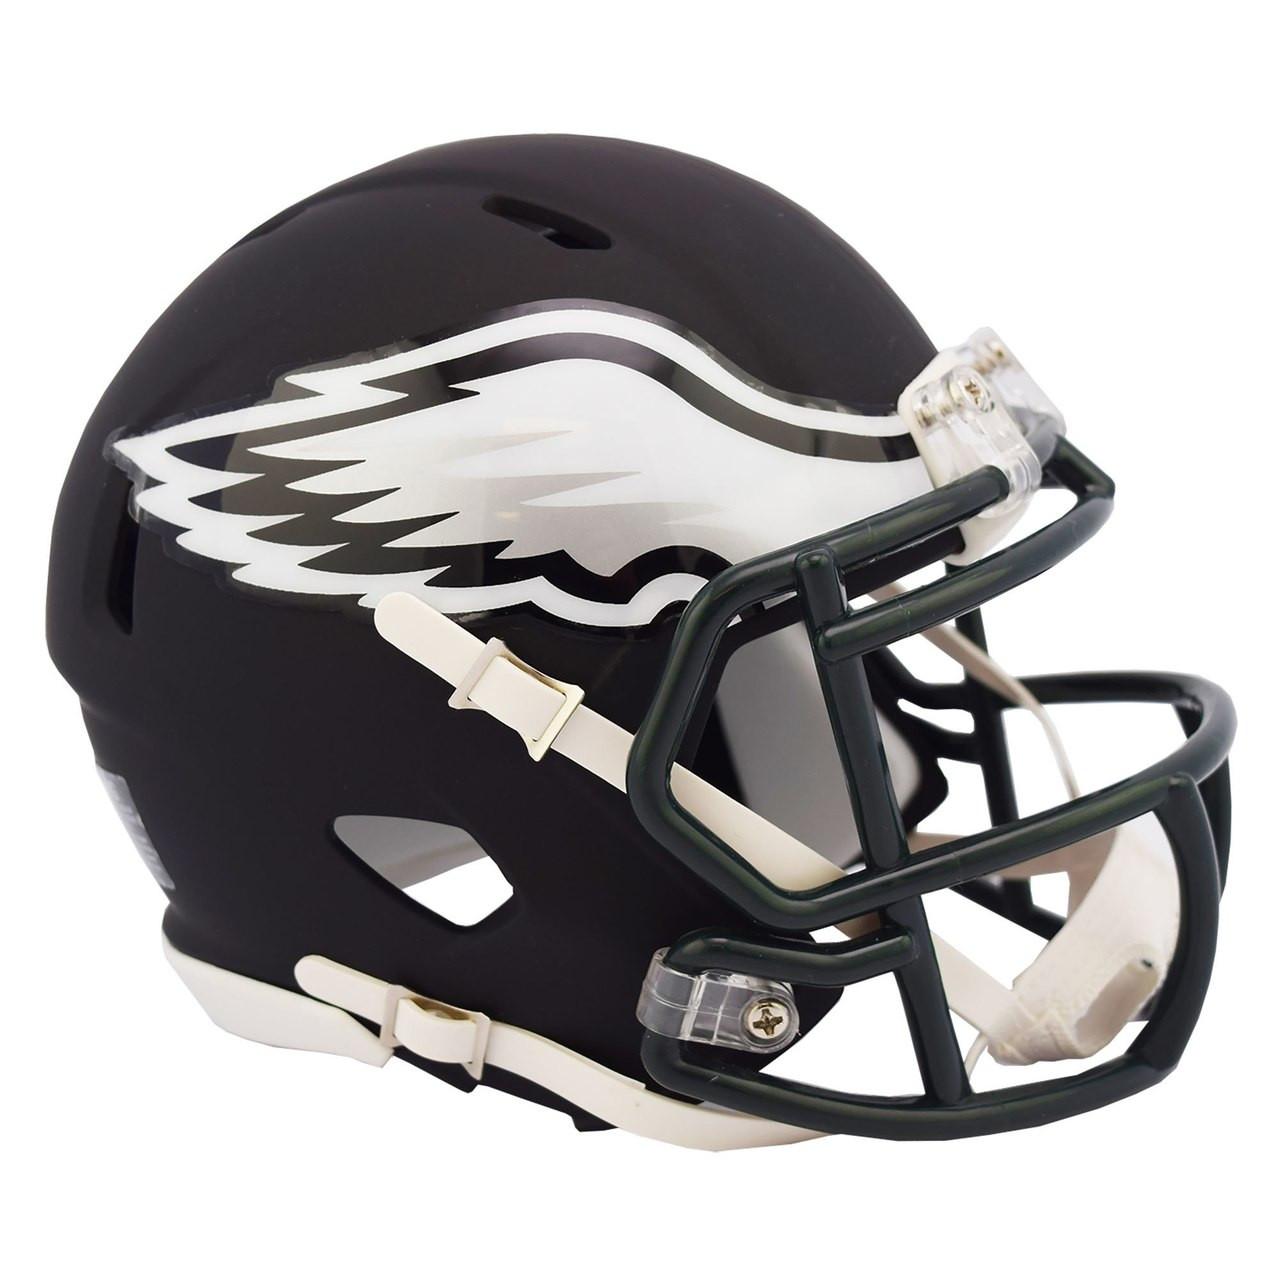 ee77cd9c60f Riddell Philadelphia Eagles Black Matte Alternate Speed Mini Football Helmet.  Riddell. Image 1